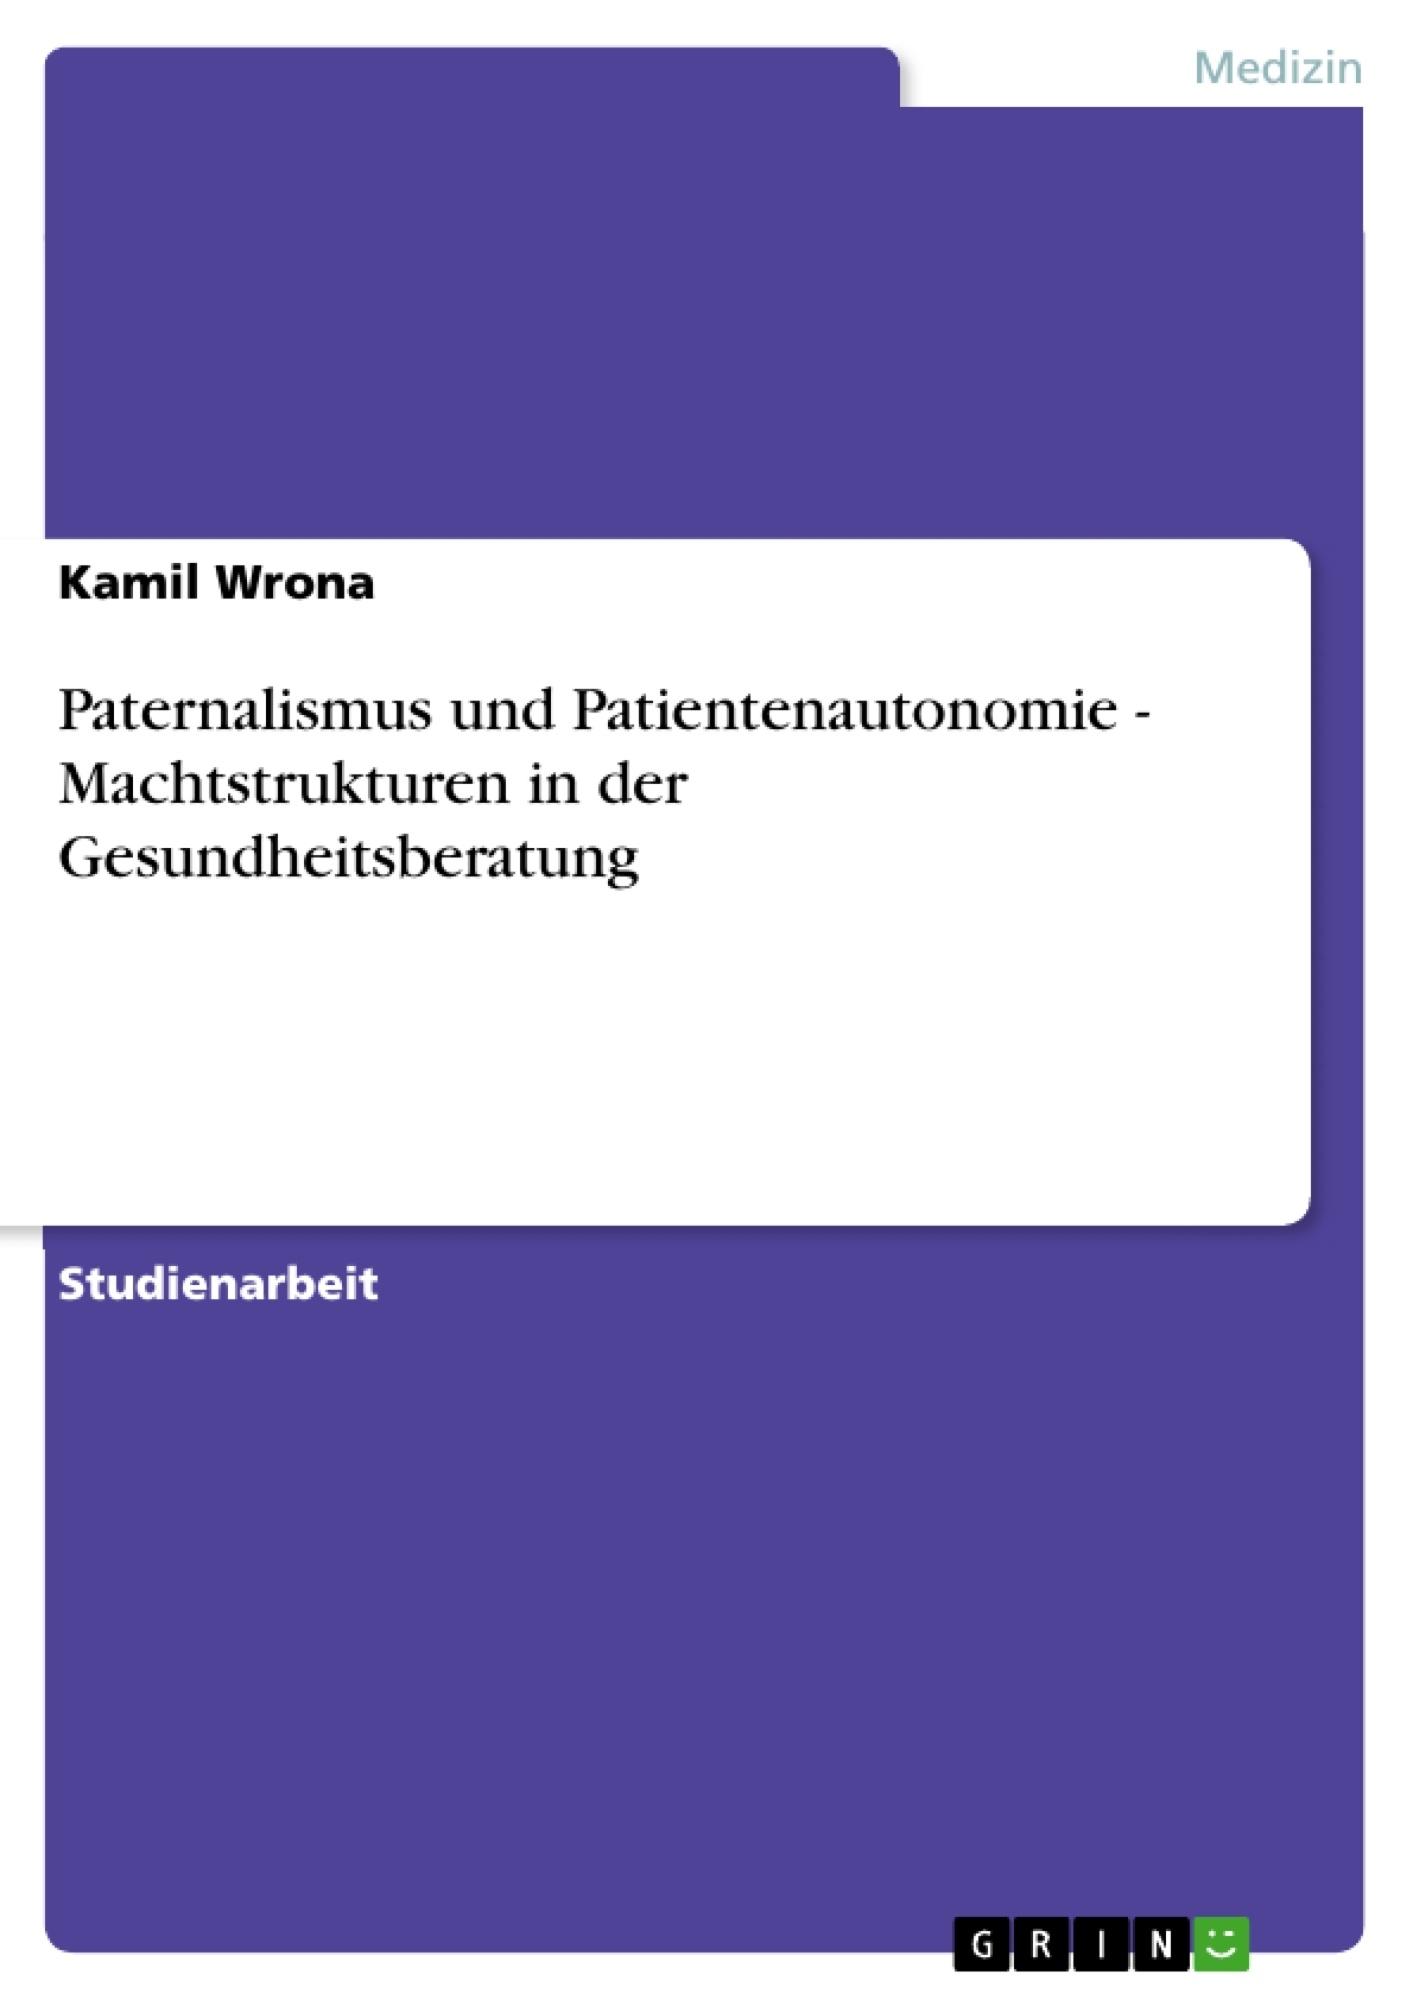 Titel: Paternalismus und Patientenautonomie - Machtstrukturen in der Gesundheitsberatung